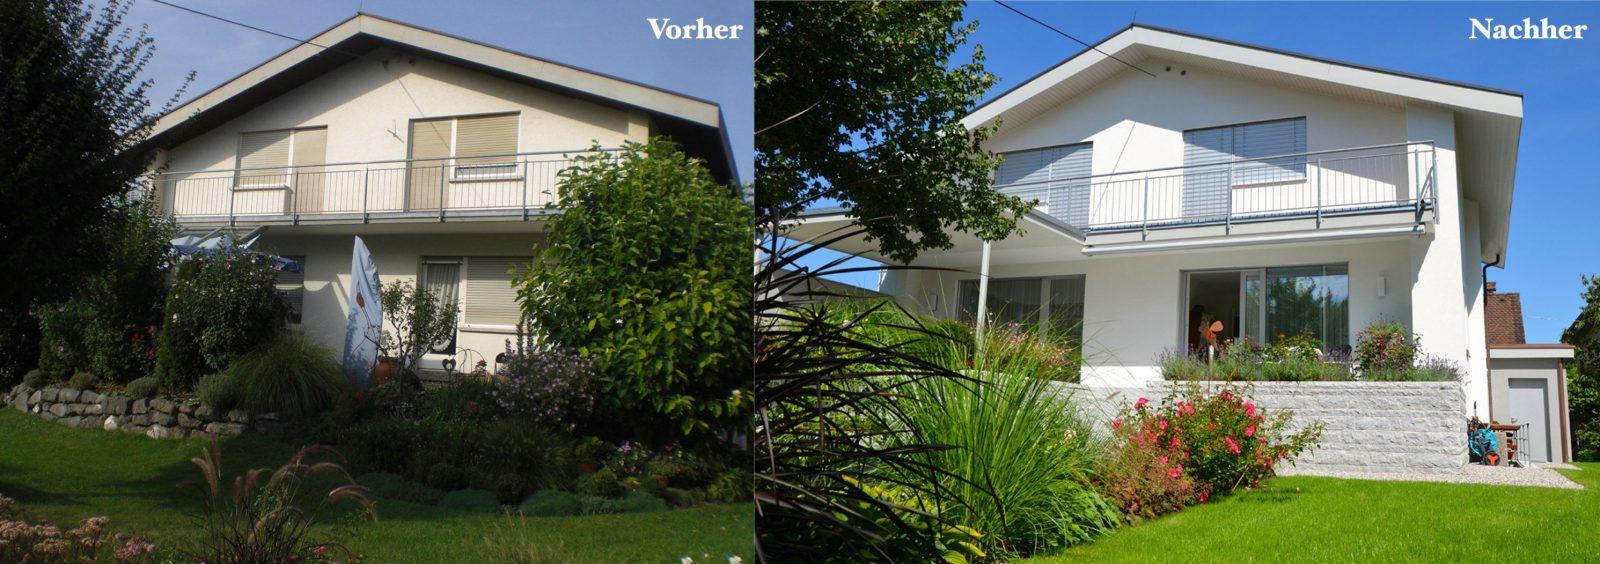 Bauernhaus Renovieren Renovation Riegelhaus Thurgauer Bauernhaus